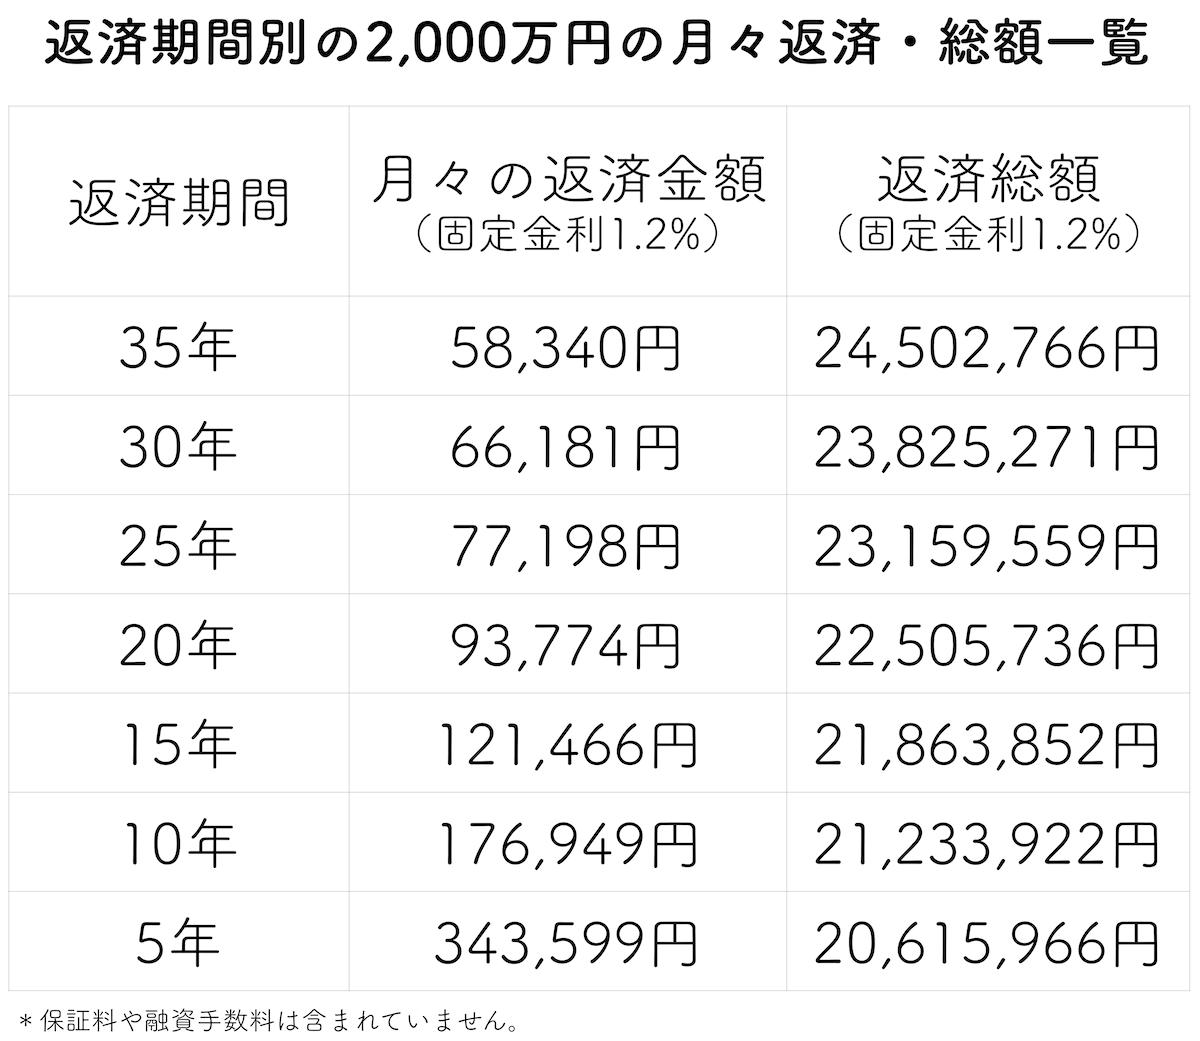 住宅ローン2000万を年収300〜450万で借りた場合の生活比較 |中古 ...